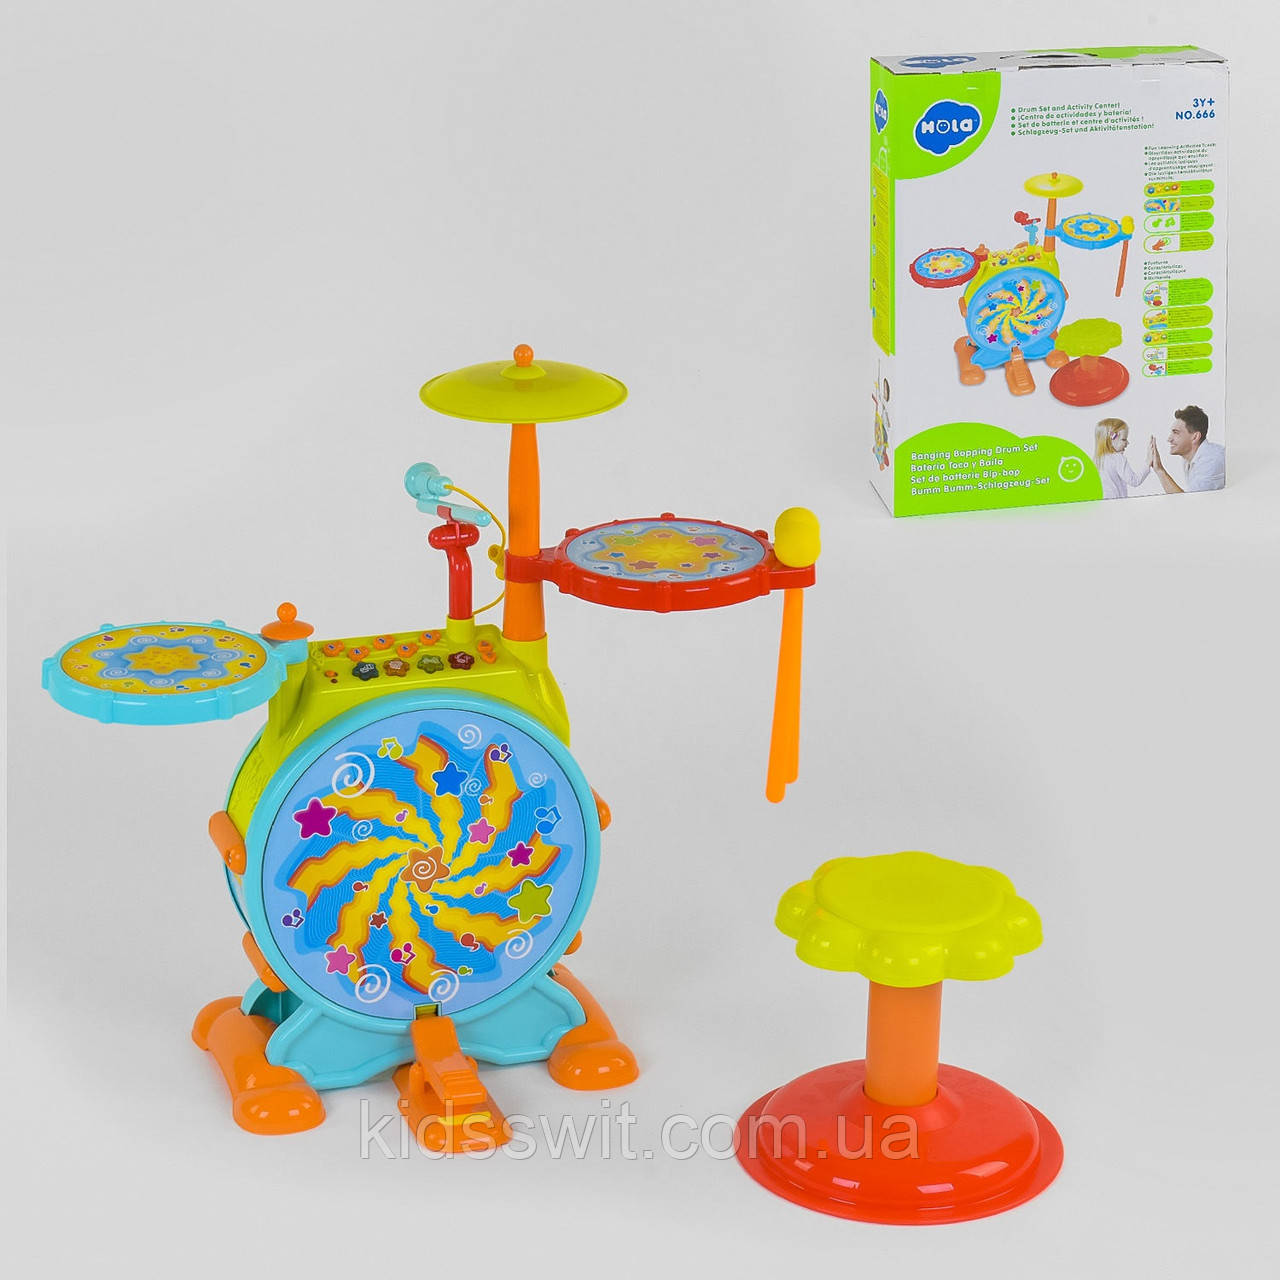 Детская барабанная установка, свет, звук, озвучка на англ.язык, 666